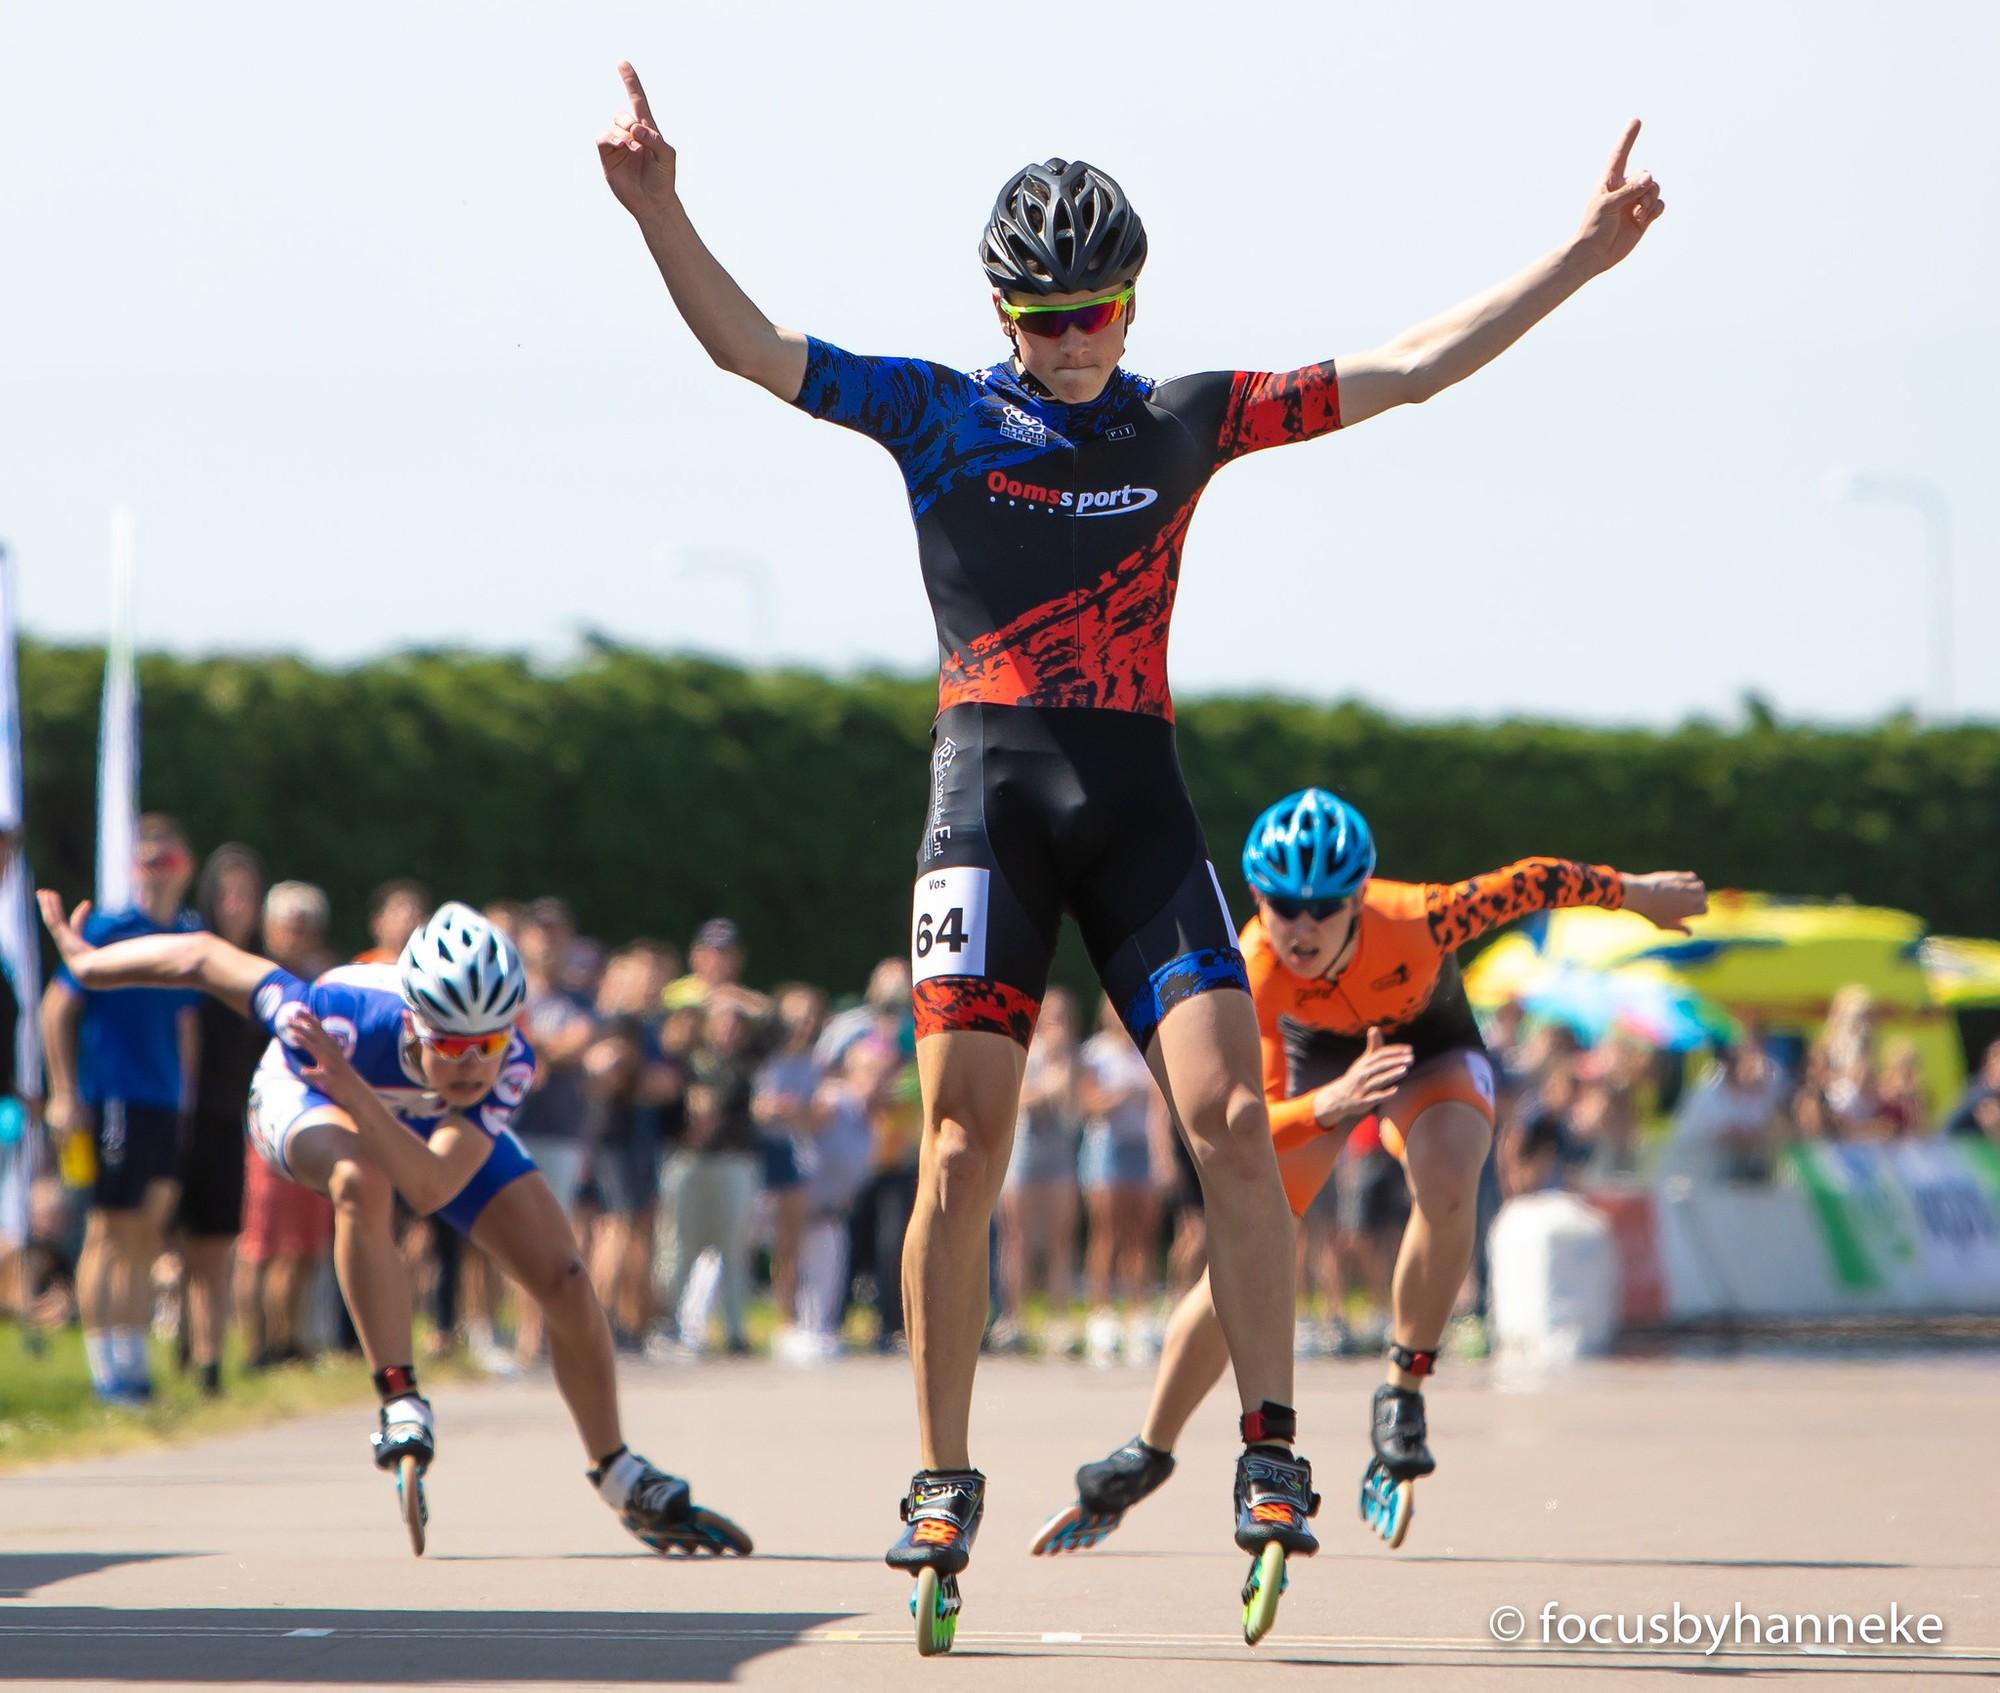 Het RTC Zuid-West inline strijd mee om de Nederlandse titels